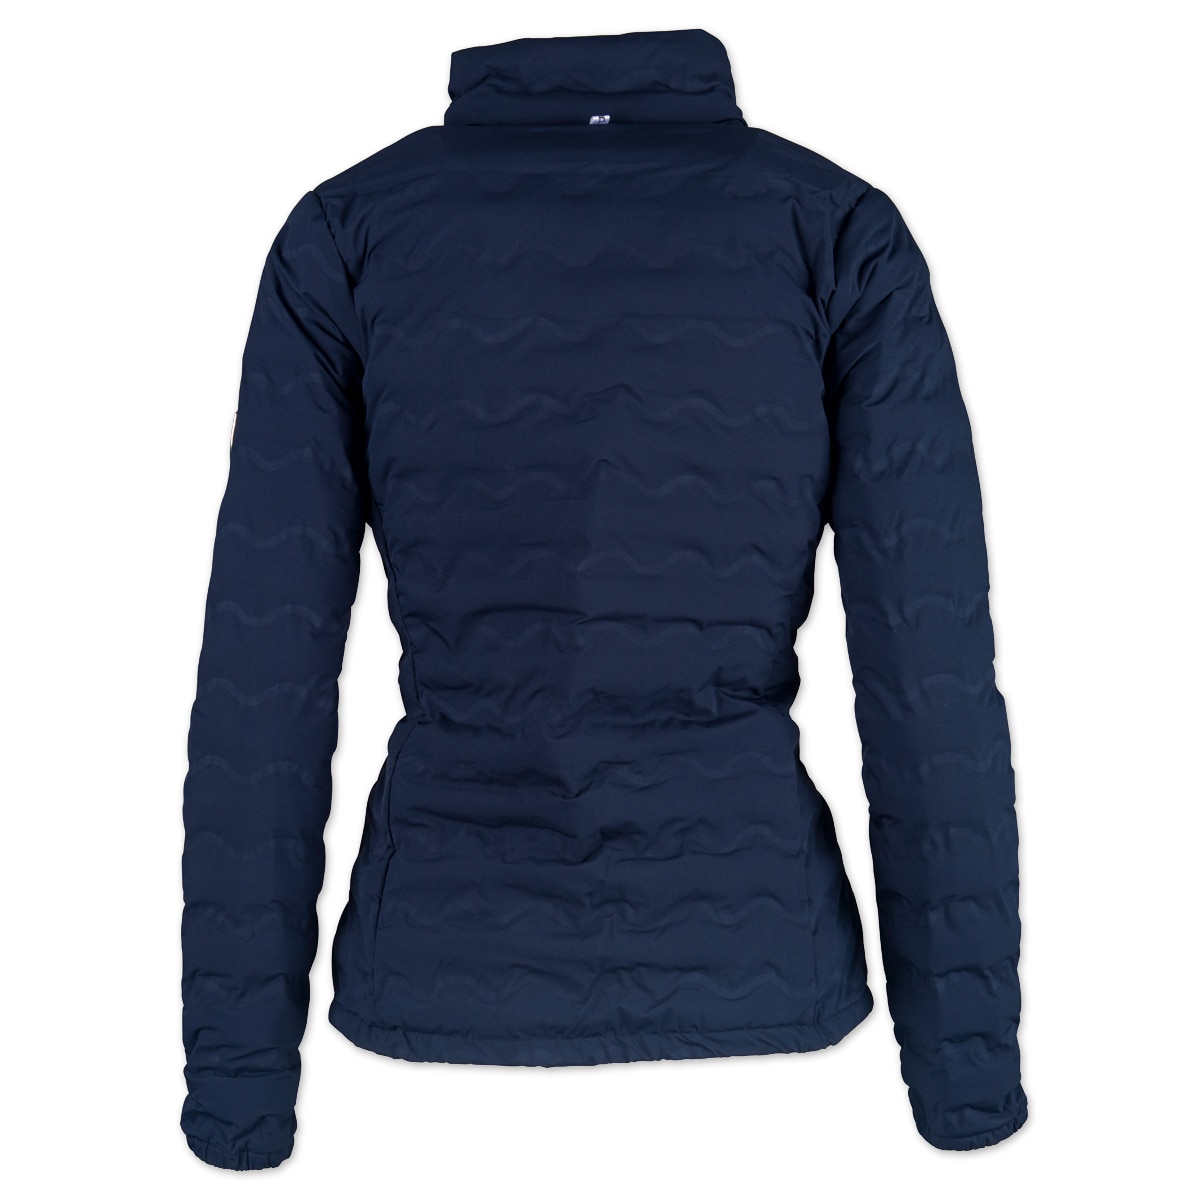 AA Cortina Lady Seamless Padded Jacket